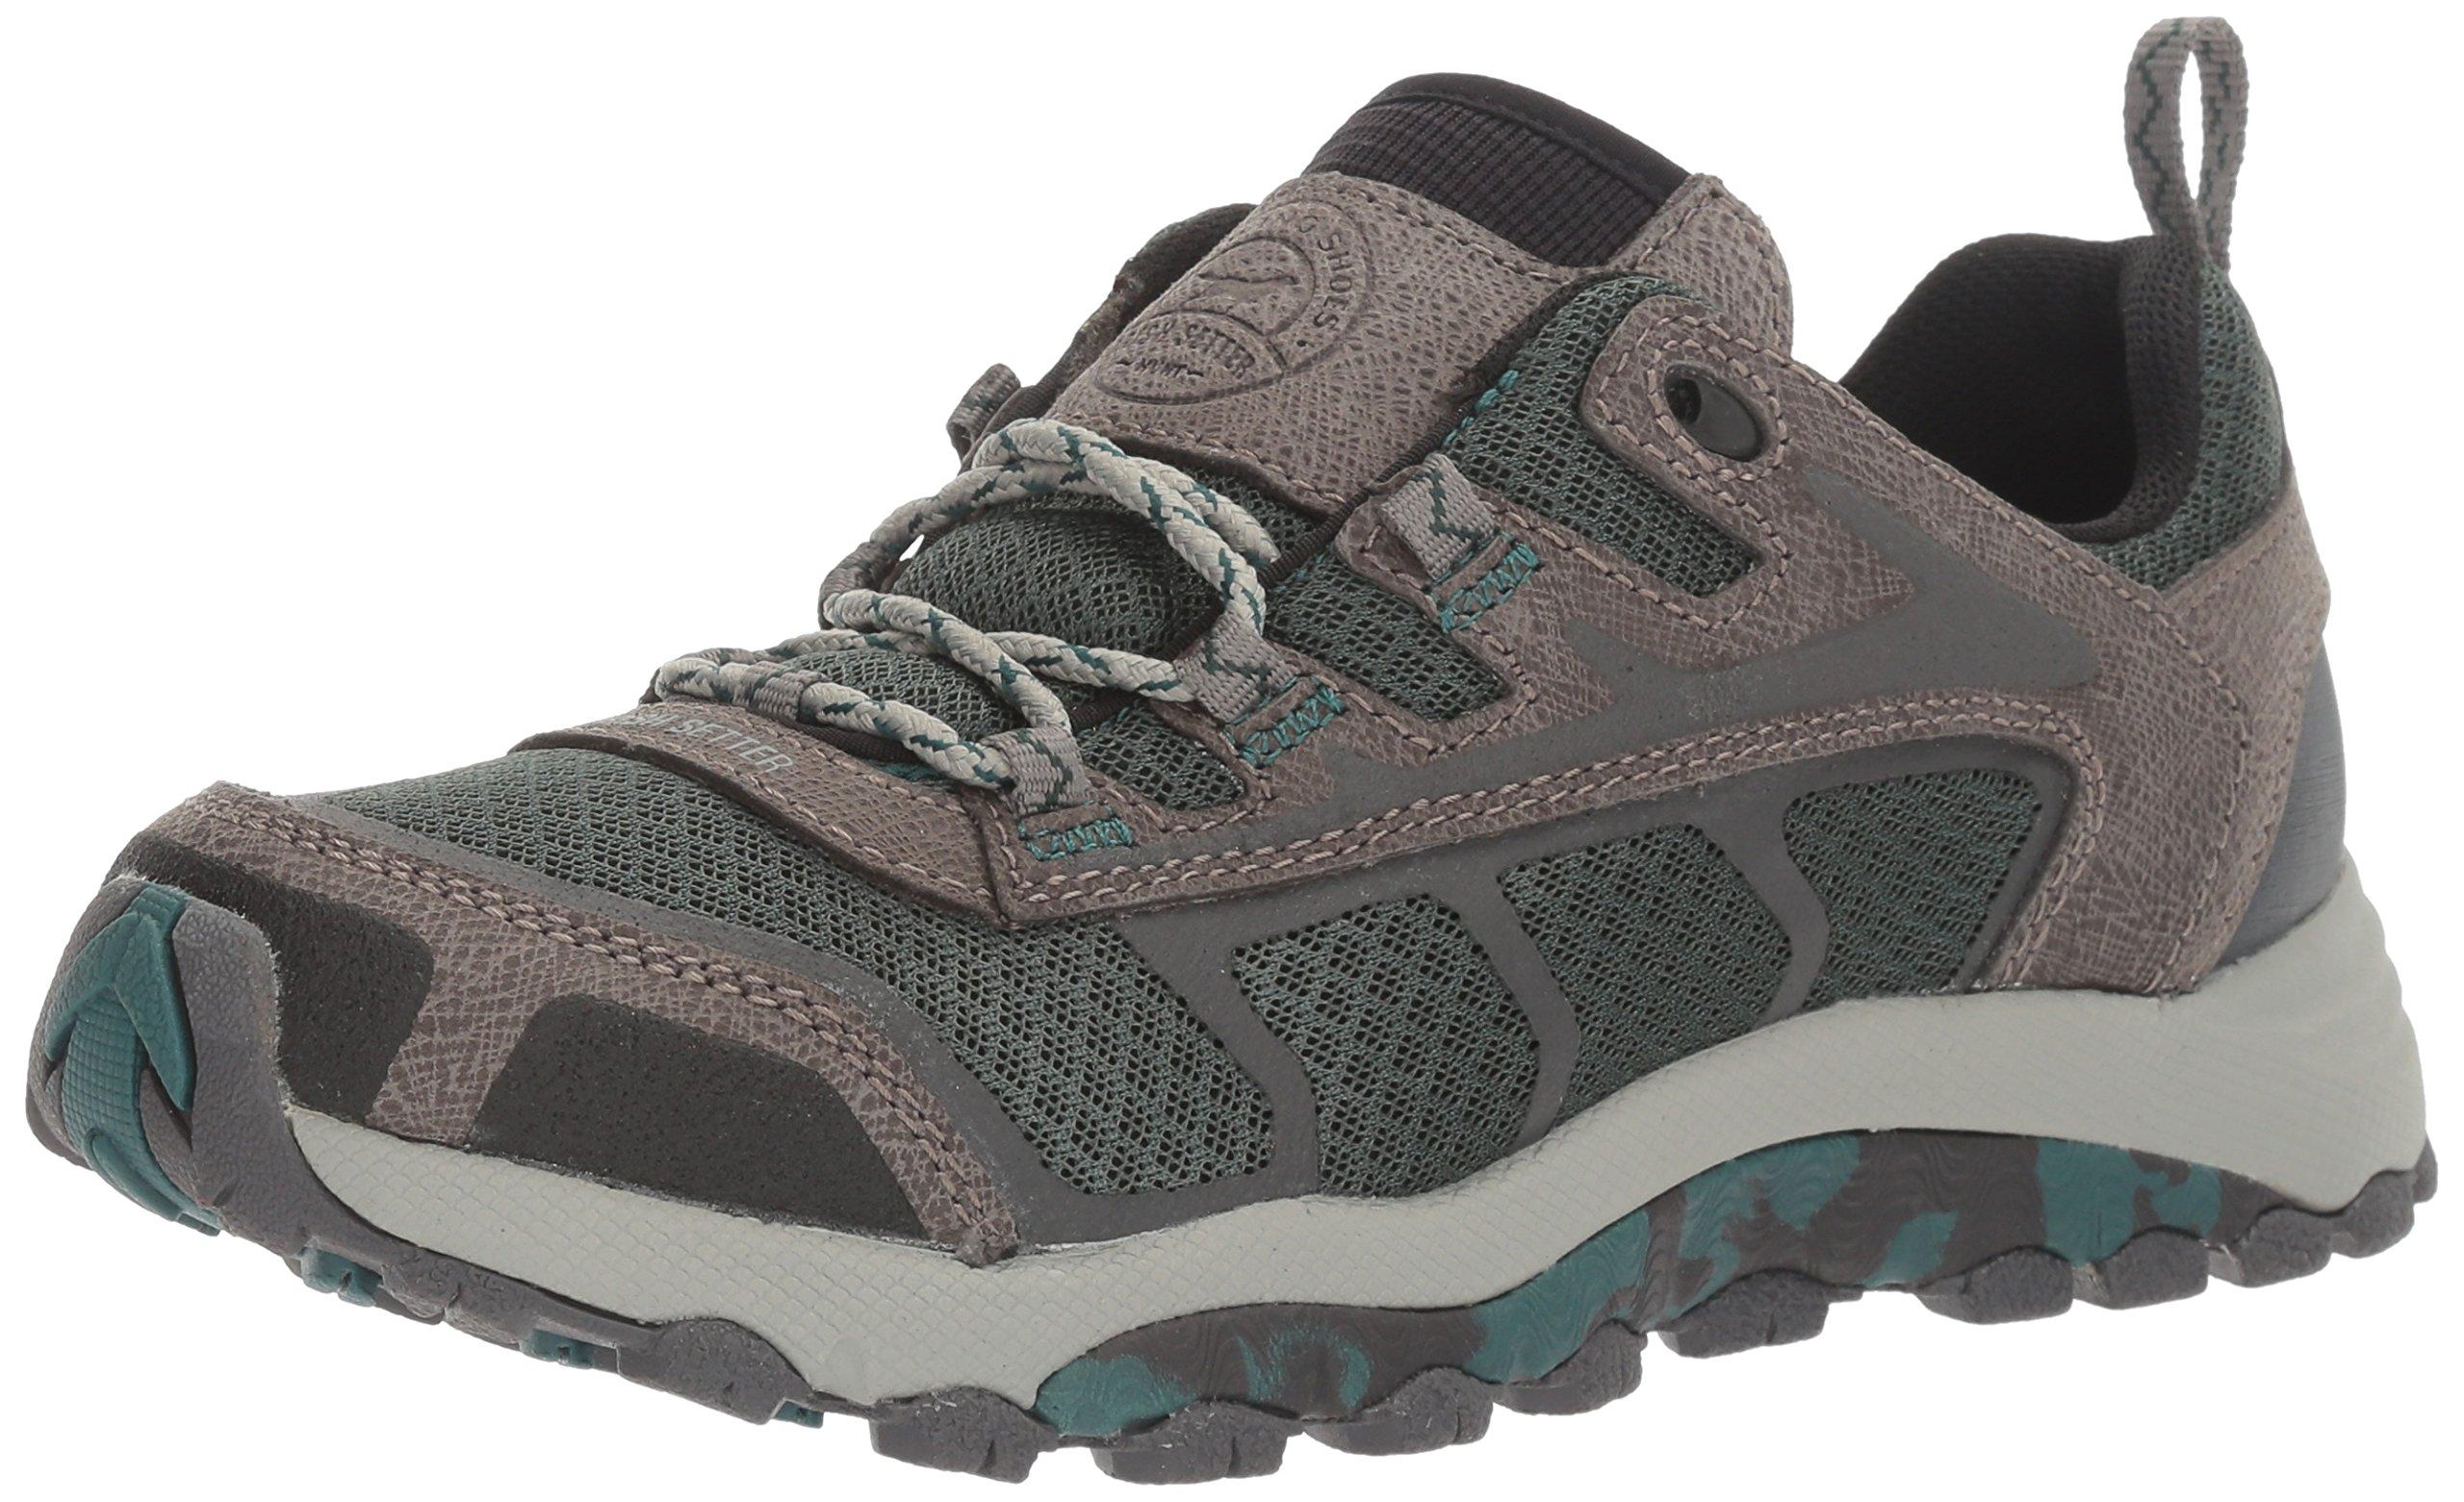 Irish Setter Women's Drifter 2838 Hiking Shoe